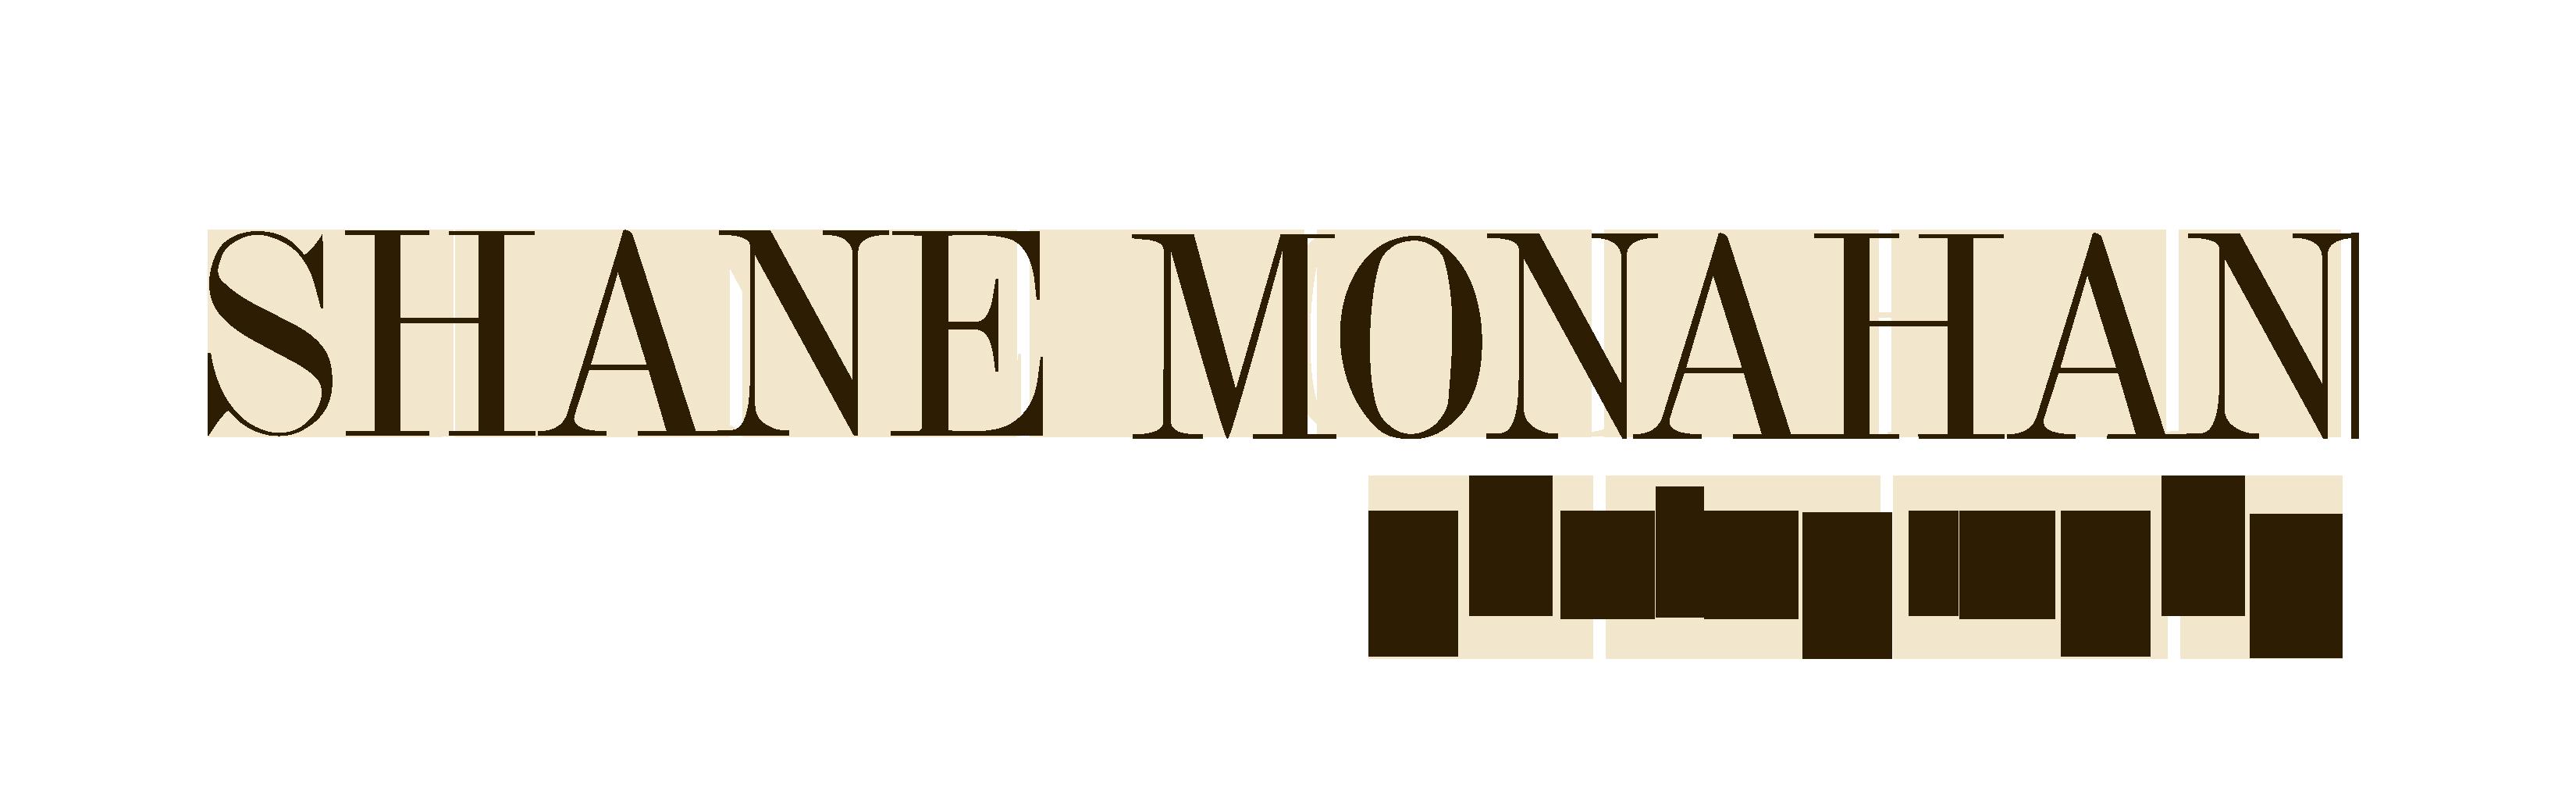 Sioux City, IA Wedding Photographer | Shane Monahan Photography